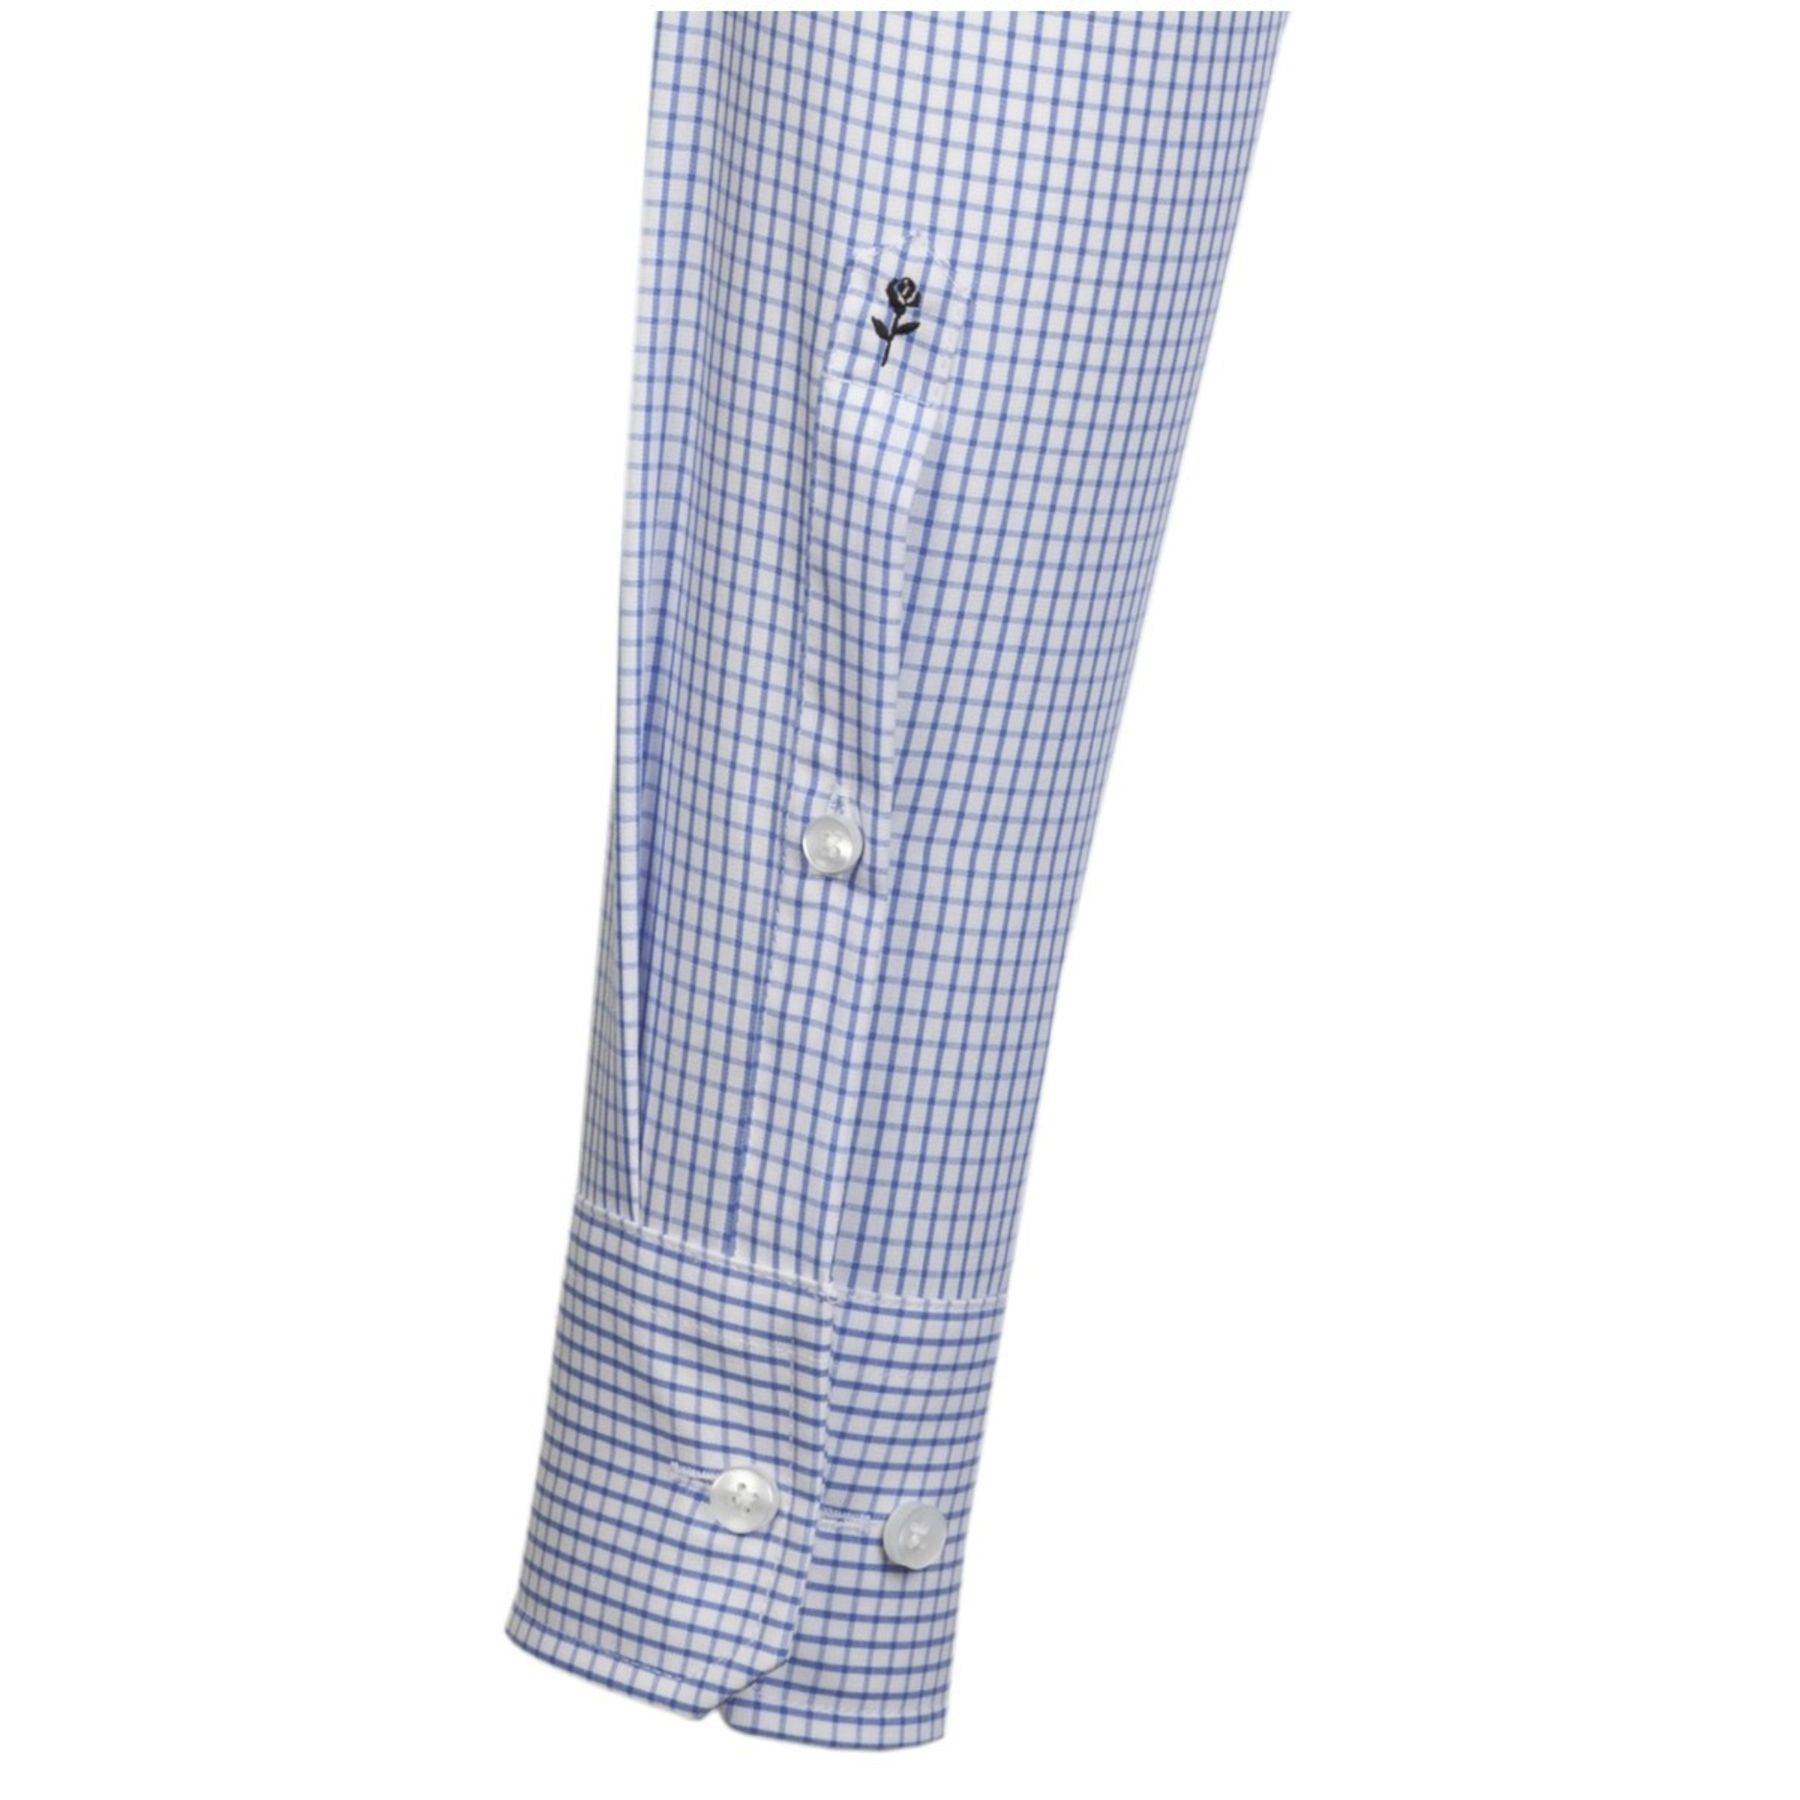 Seidensticker - Herren Hemd, Bügelfrei, Modern, Schwarze Rose mit Kent Kragen in Hellblau mit Streifen oder Karo oder in uni (01.003100) – Bild 11